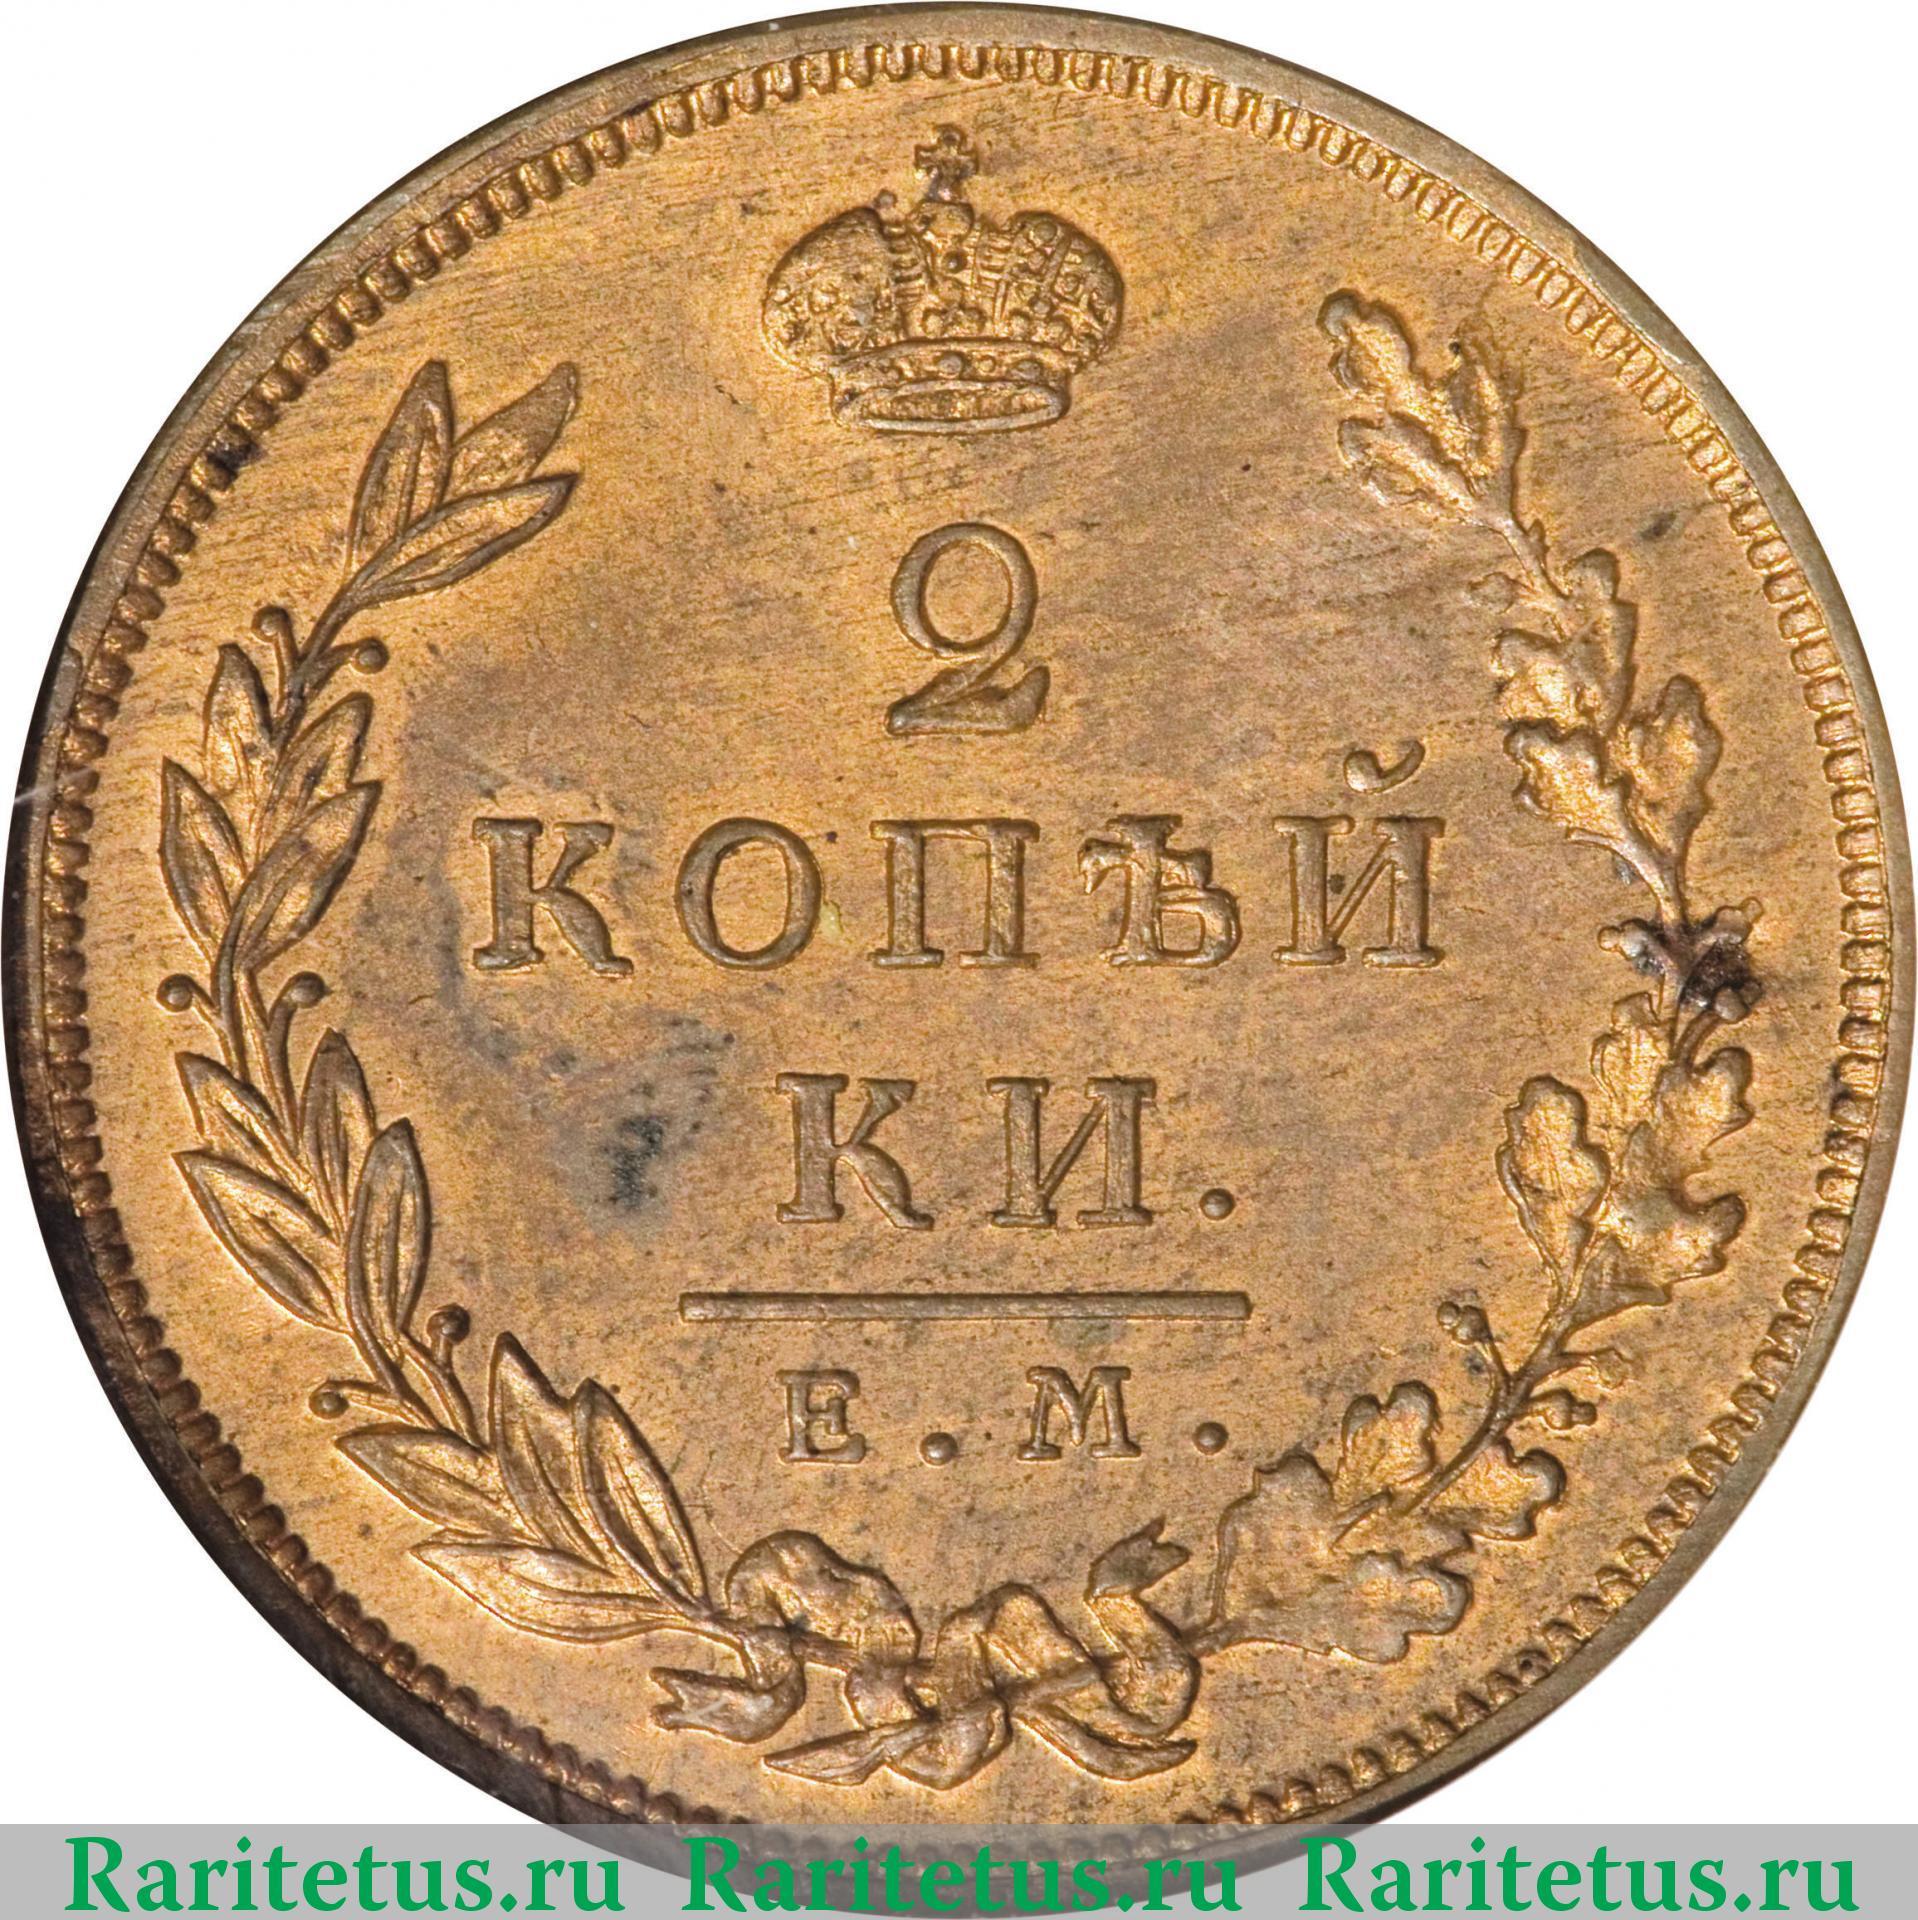 Монеты россии 2 копейки надписи для юбилейного альбома